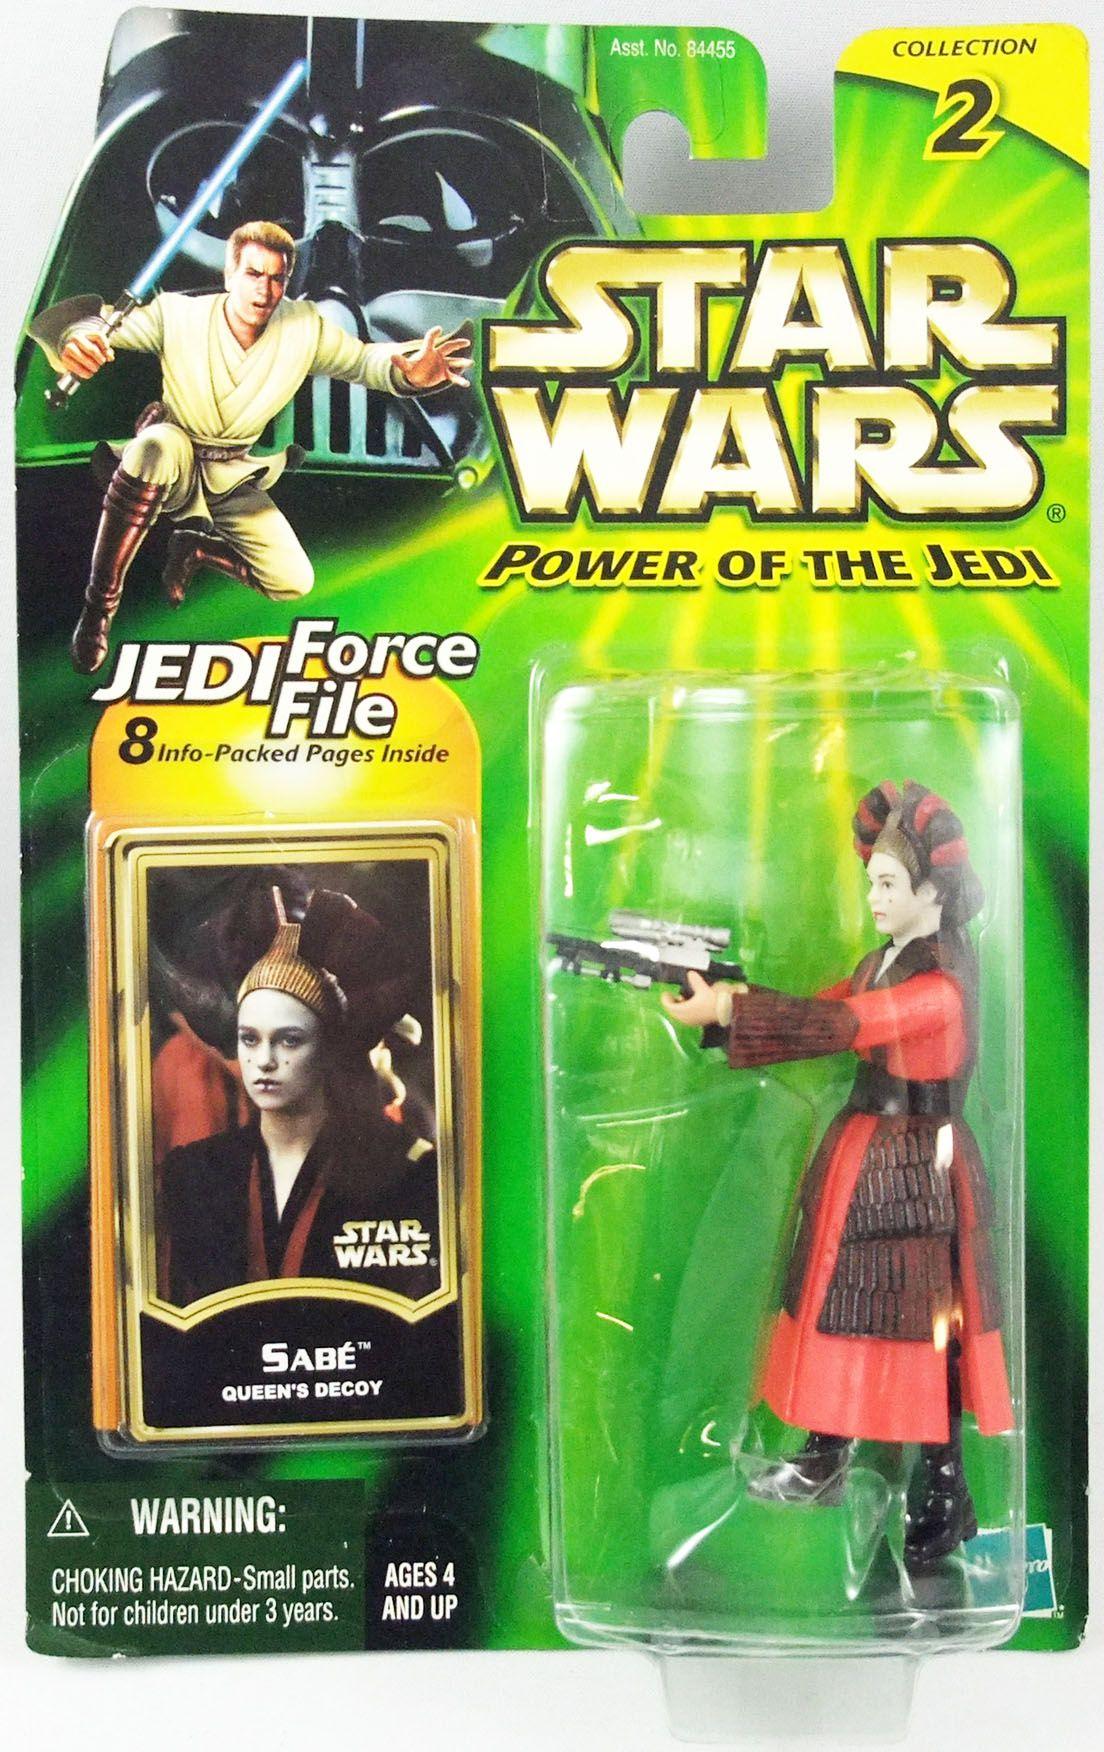 Star Wars (Power of the Jedi) - Hasbro - Sabé (Queen\'s Decoy)